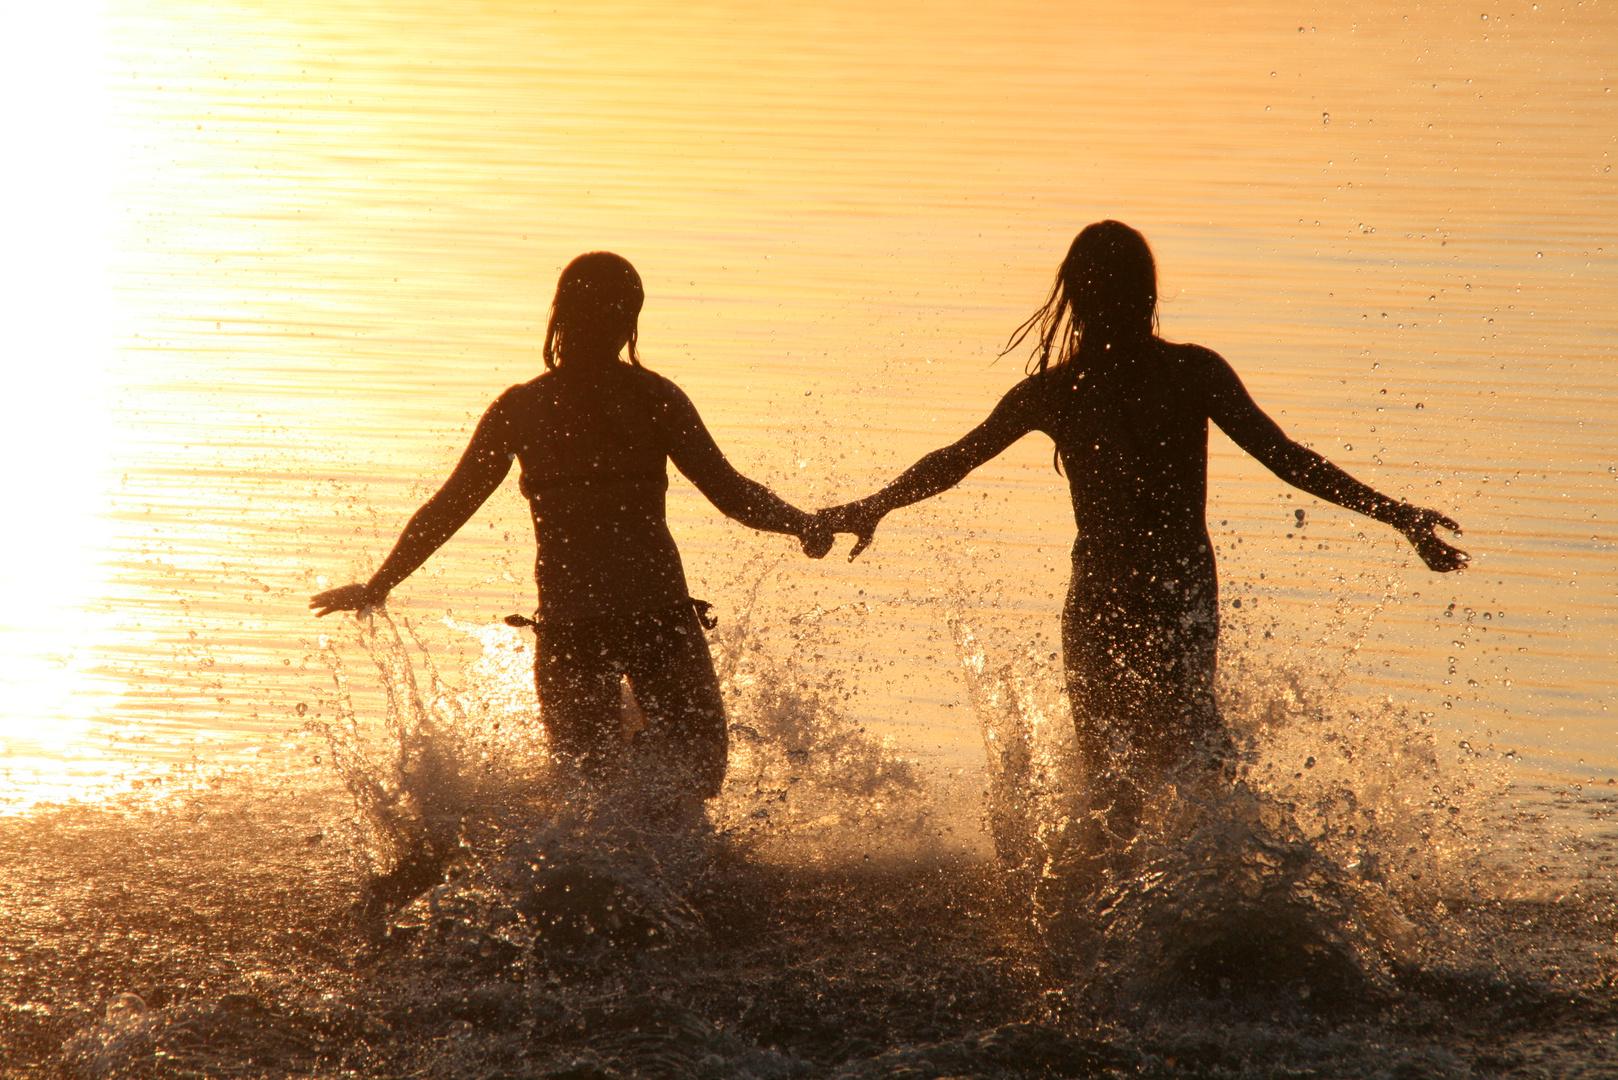 Mädchen in der Abendsonne